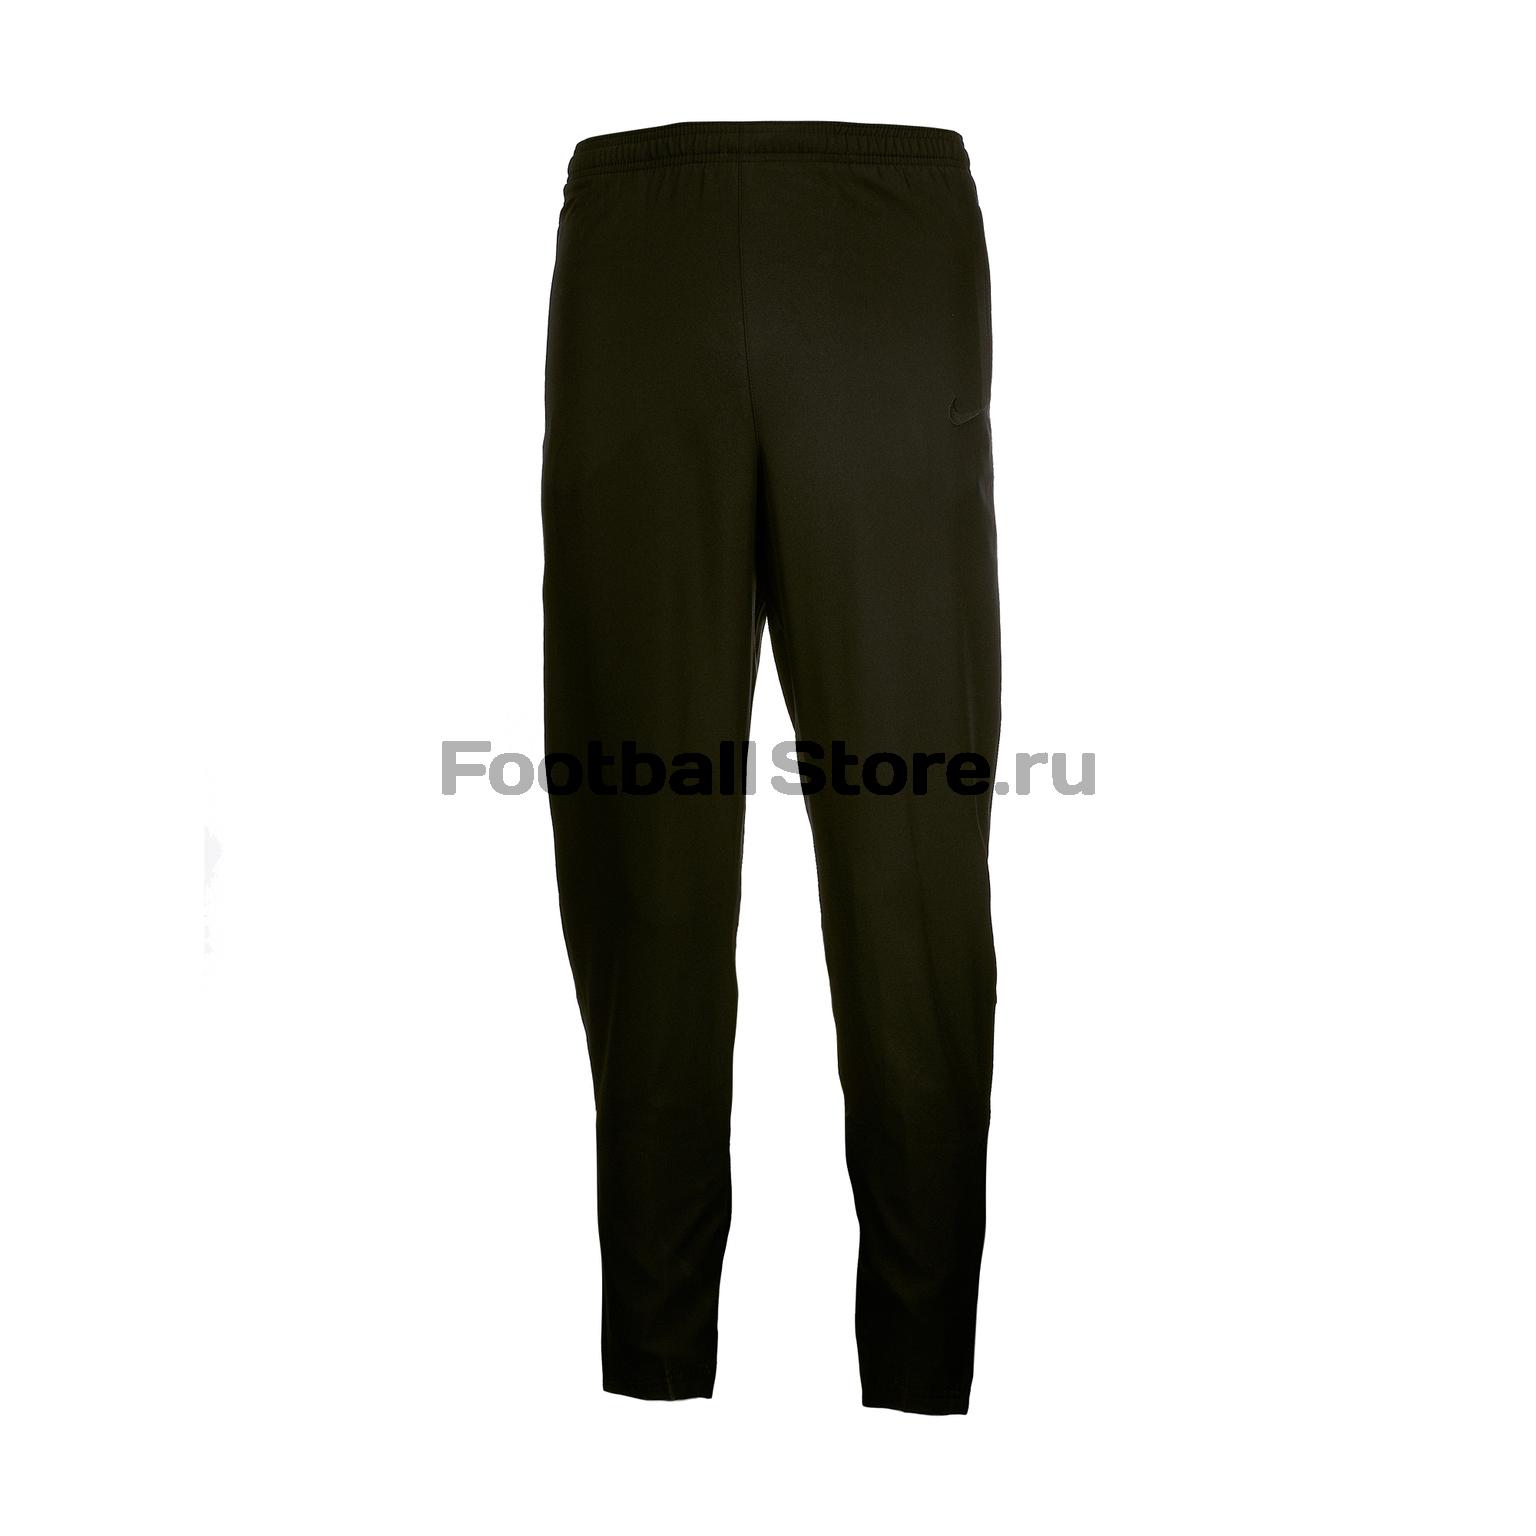 Брюки подростковые Nike Dry Academy Pant AR7993-010